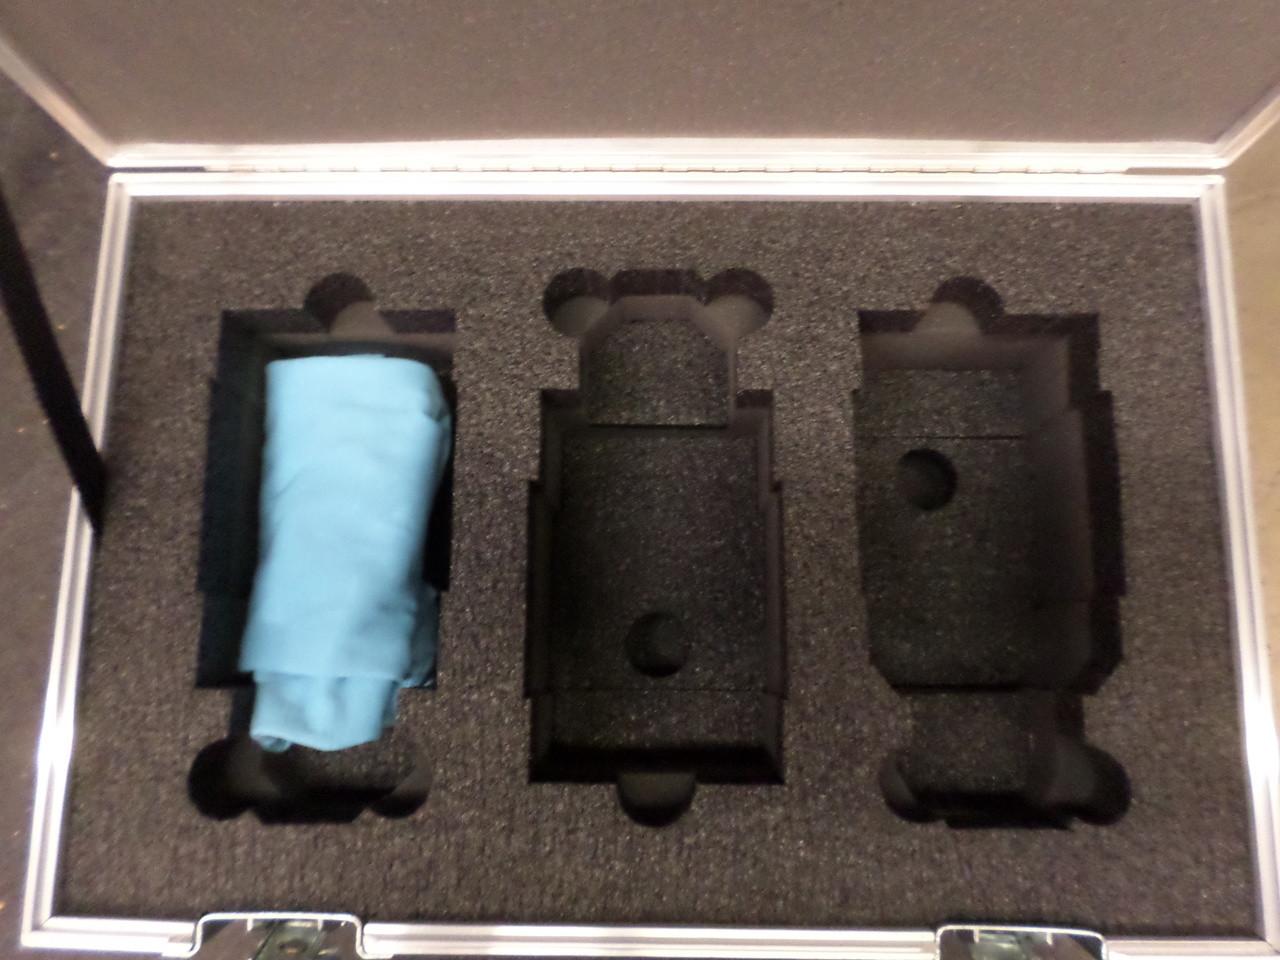 Cooke S7/i Full Frame Plus Primes T2.0 (75, 100, 135mm)